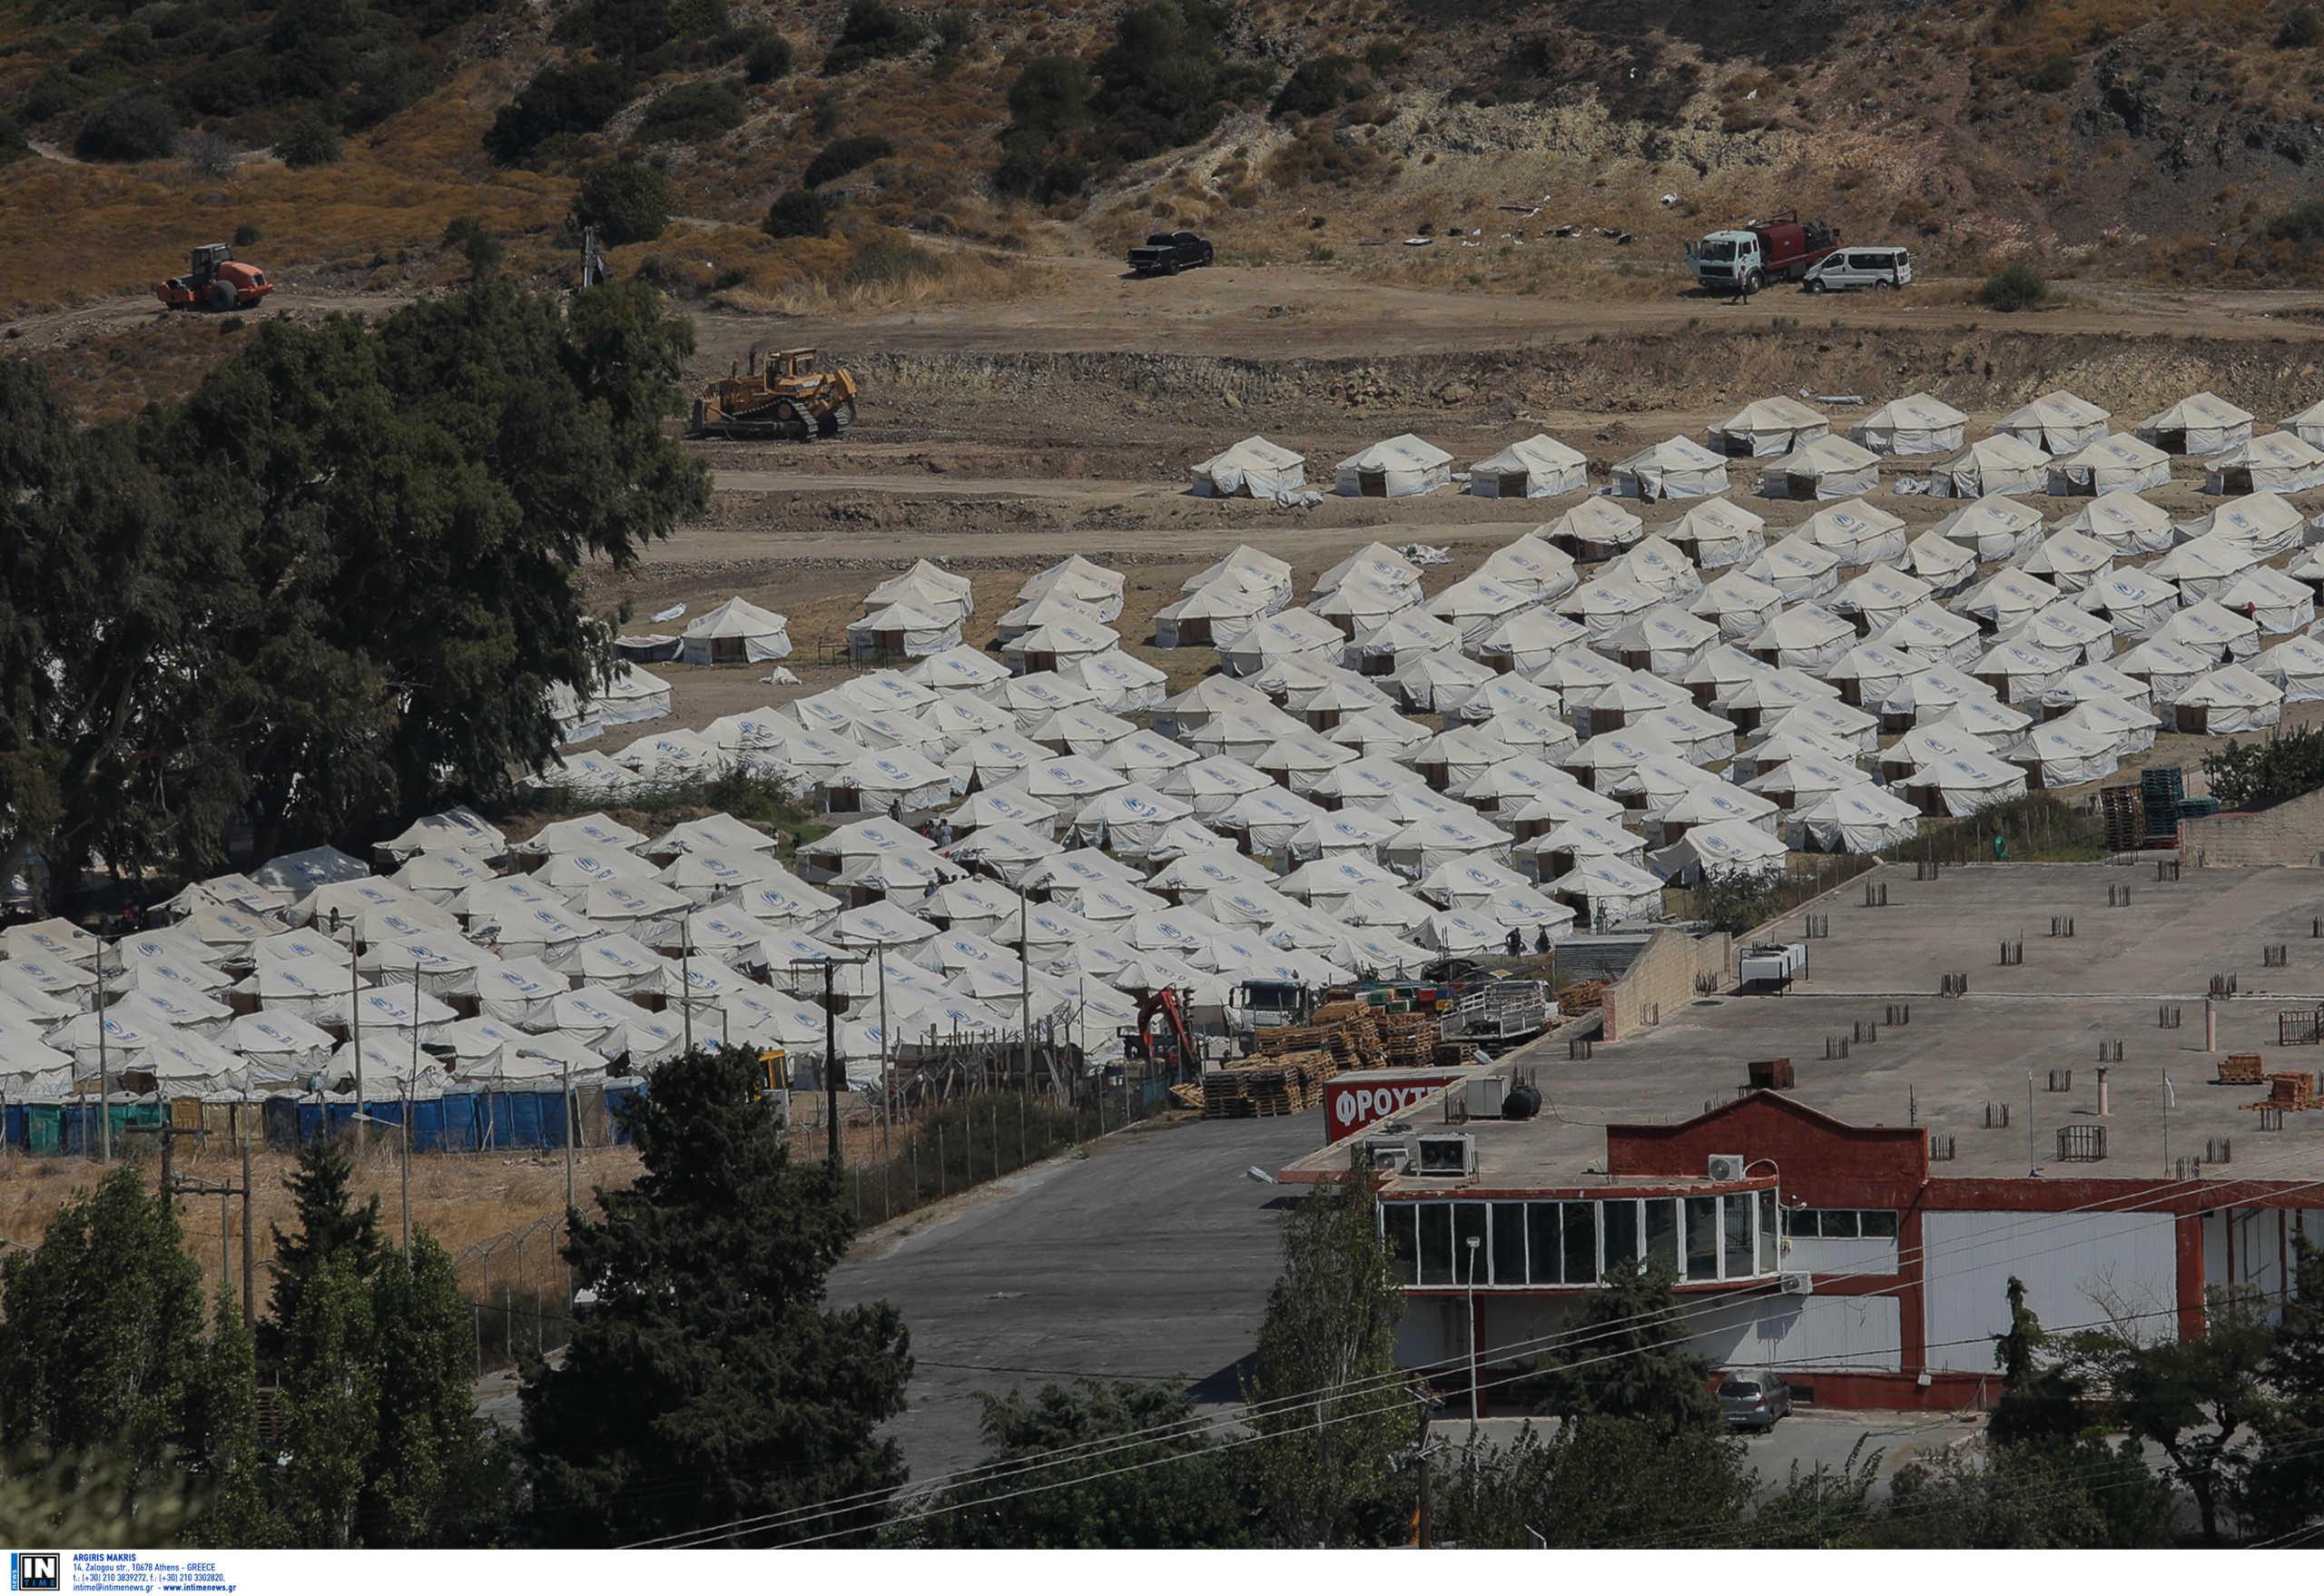 Λέσβος: Αυτοψία Μηταράκη στο προσωρινό ΚΥΤ του Κάρα Τεπέ – Οι διαπιστώσεις του υπουργού